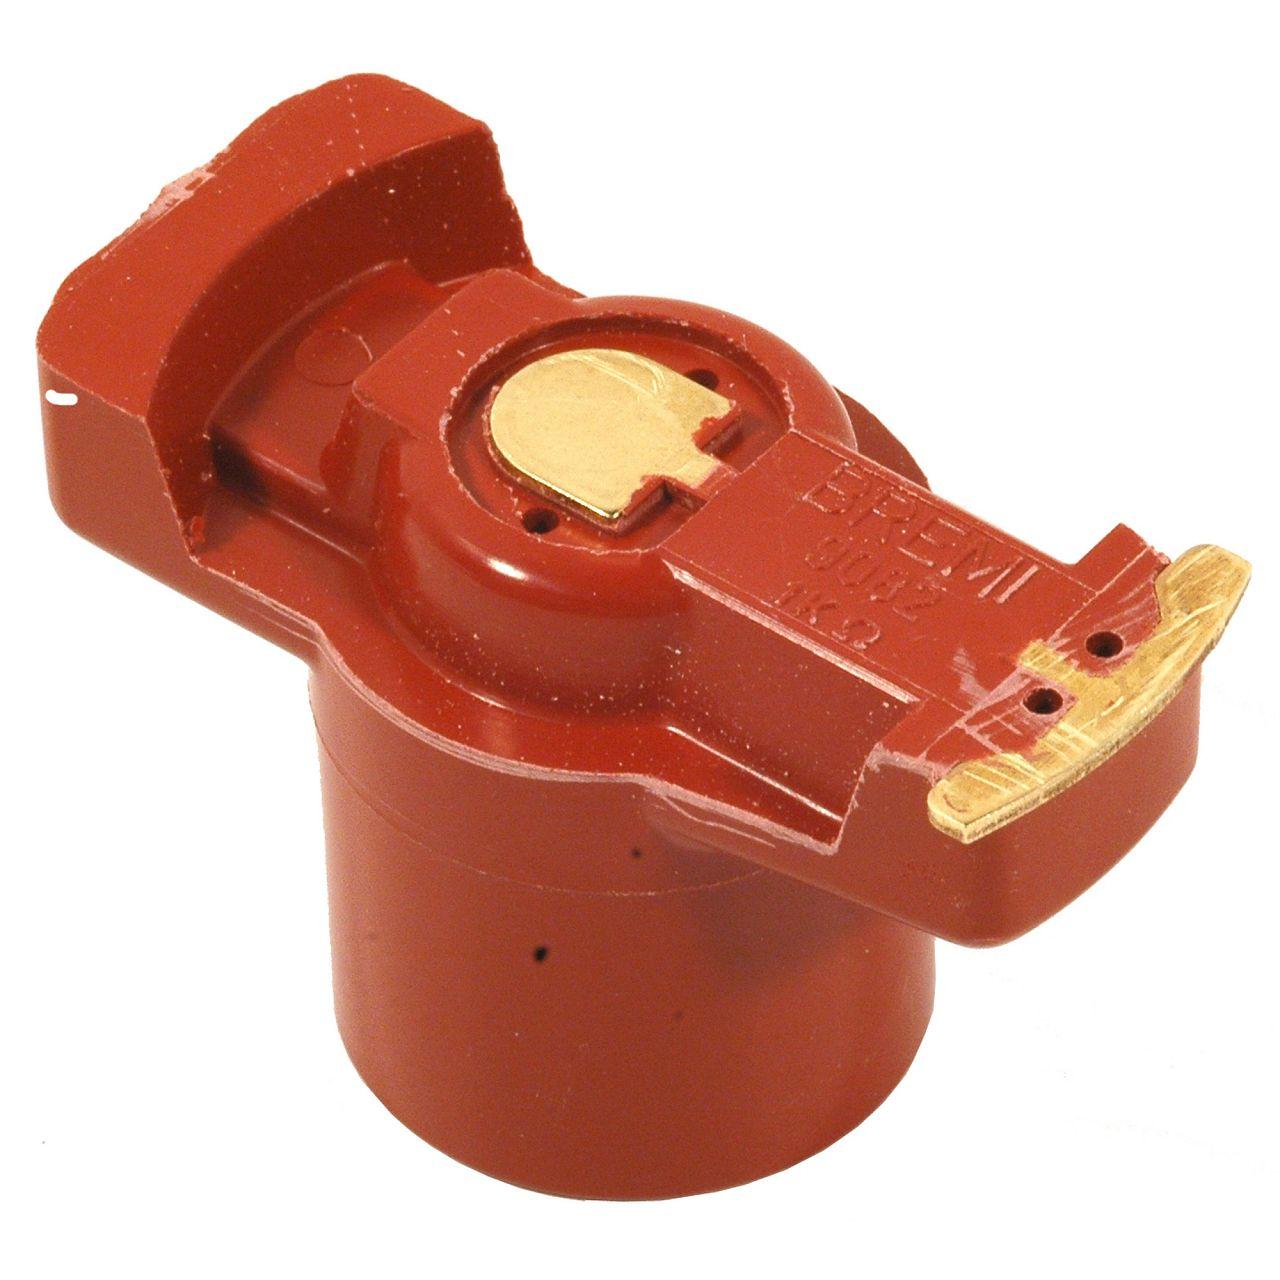 Verteilerkappe + Verteilerfinger + Zündkabelsatz MERCEDES 190 W201 W123 W124 M102